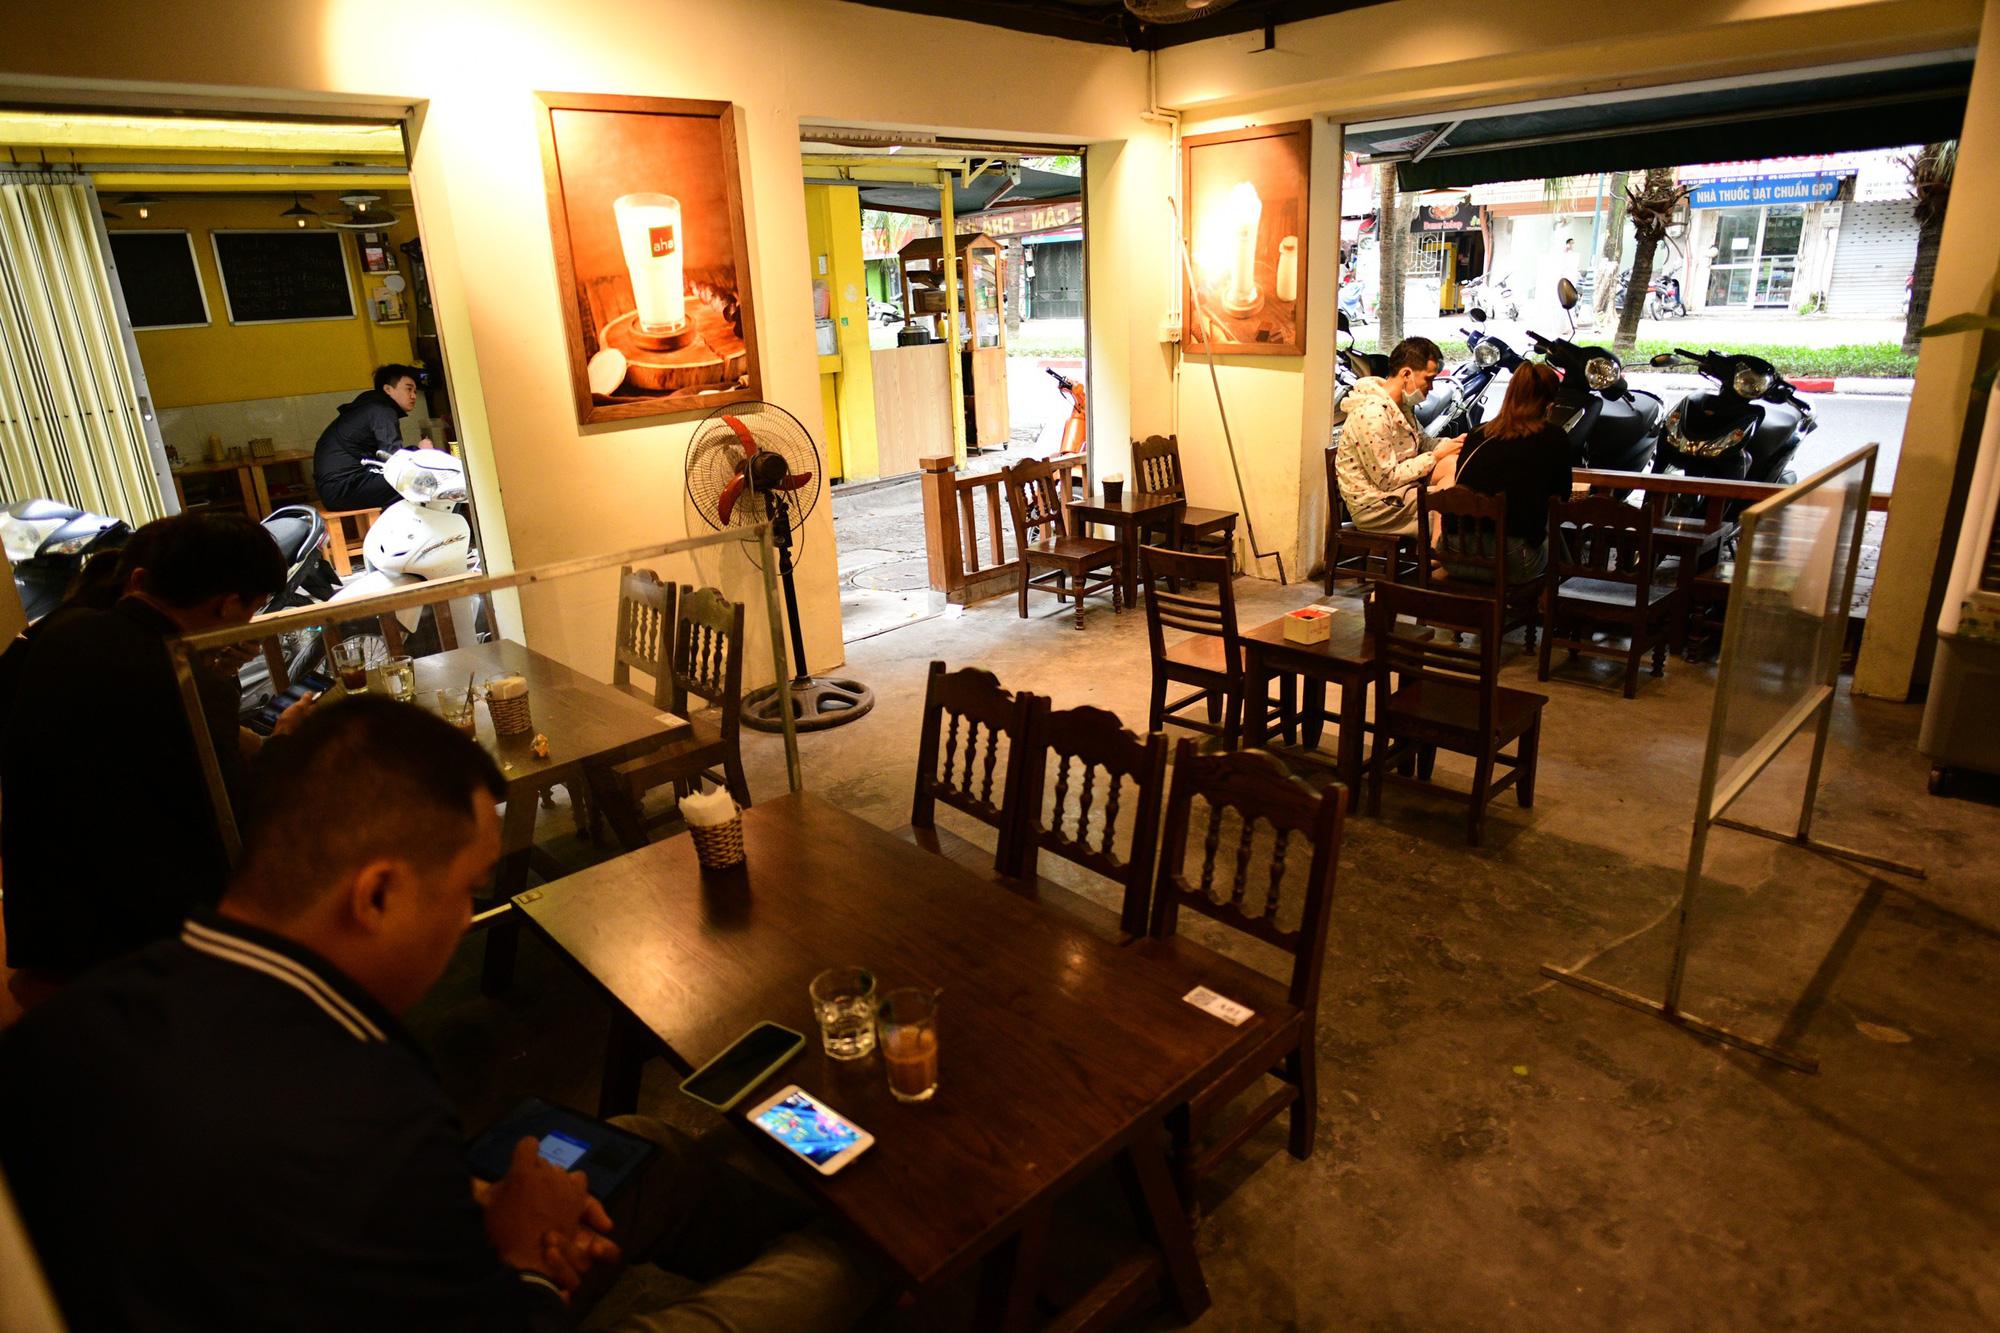 Quán cà phê ở Hà Nội đông nghịt khách ngày mở bán tại chỗ - Ảnh 11.